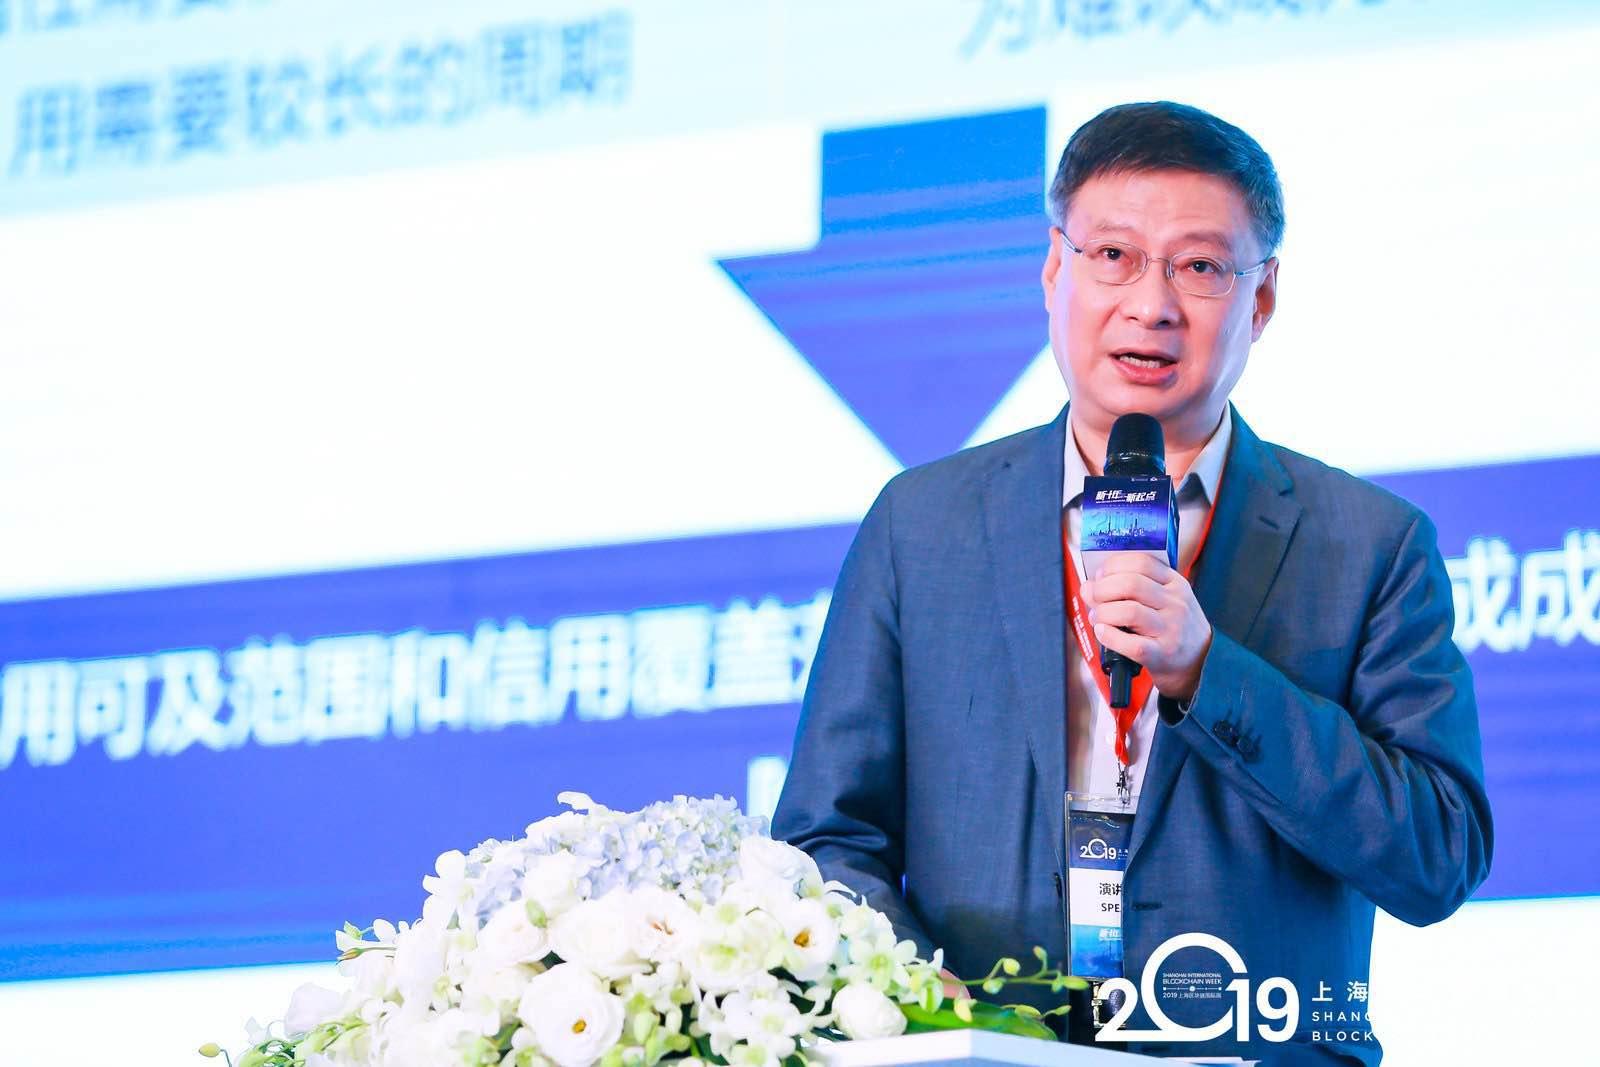 中行原行长李礼辉:区块链可能冲击金融机构中介地位,重构经济金融模式